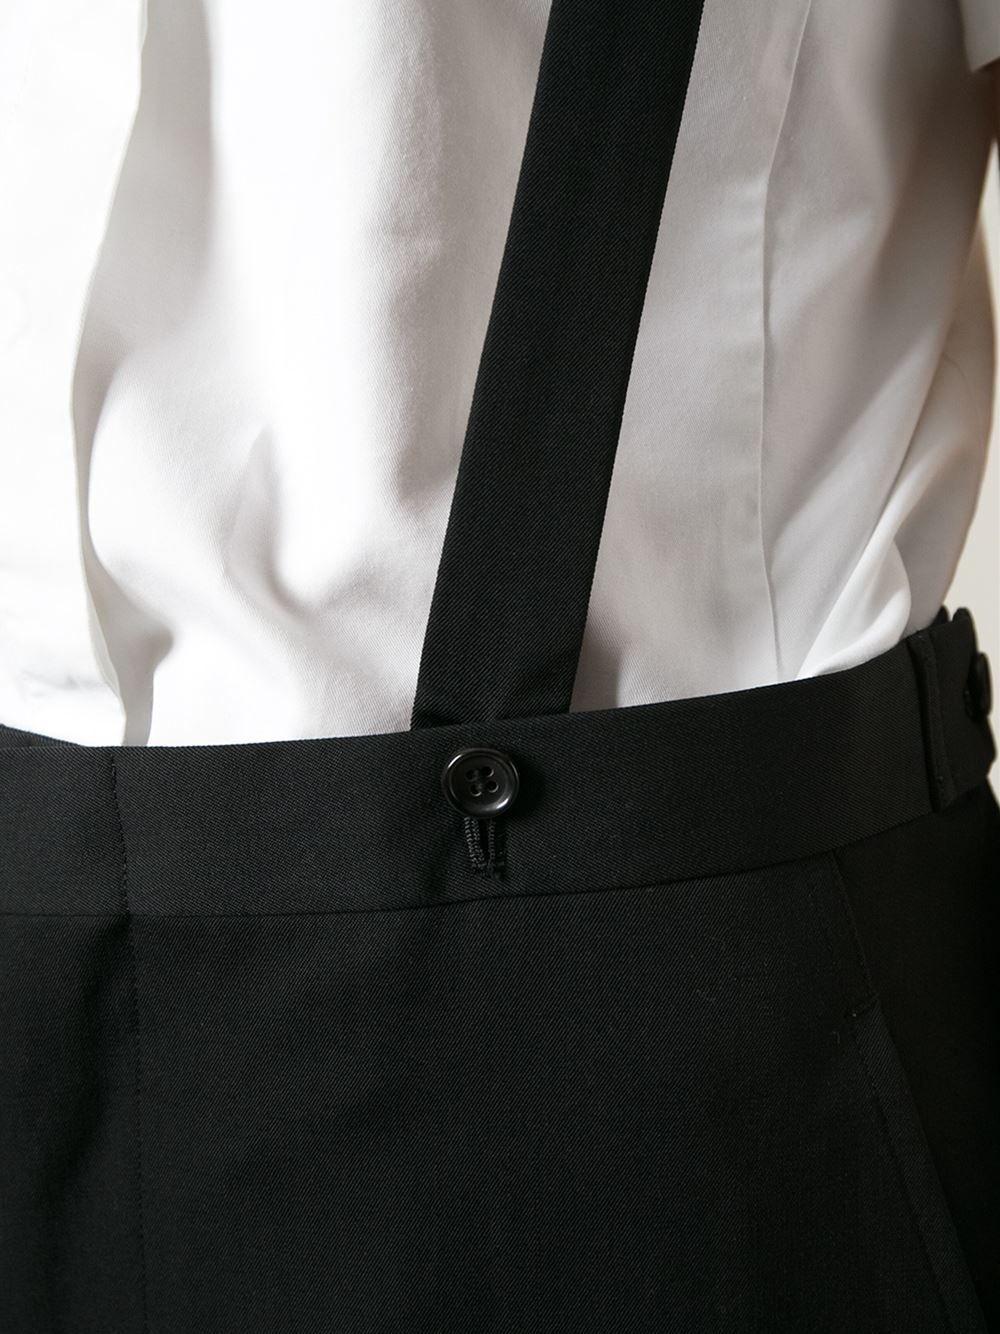 Comme Des Garçons Vintage 'robe De Chambre' Suspender Trousers - House Of Liza - Farfetch.com